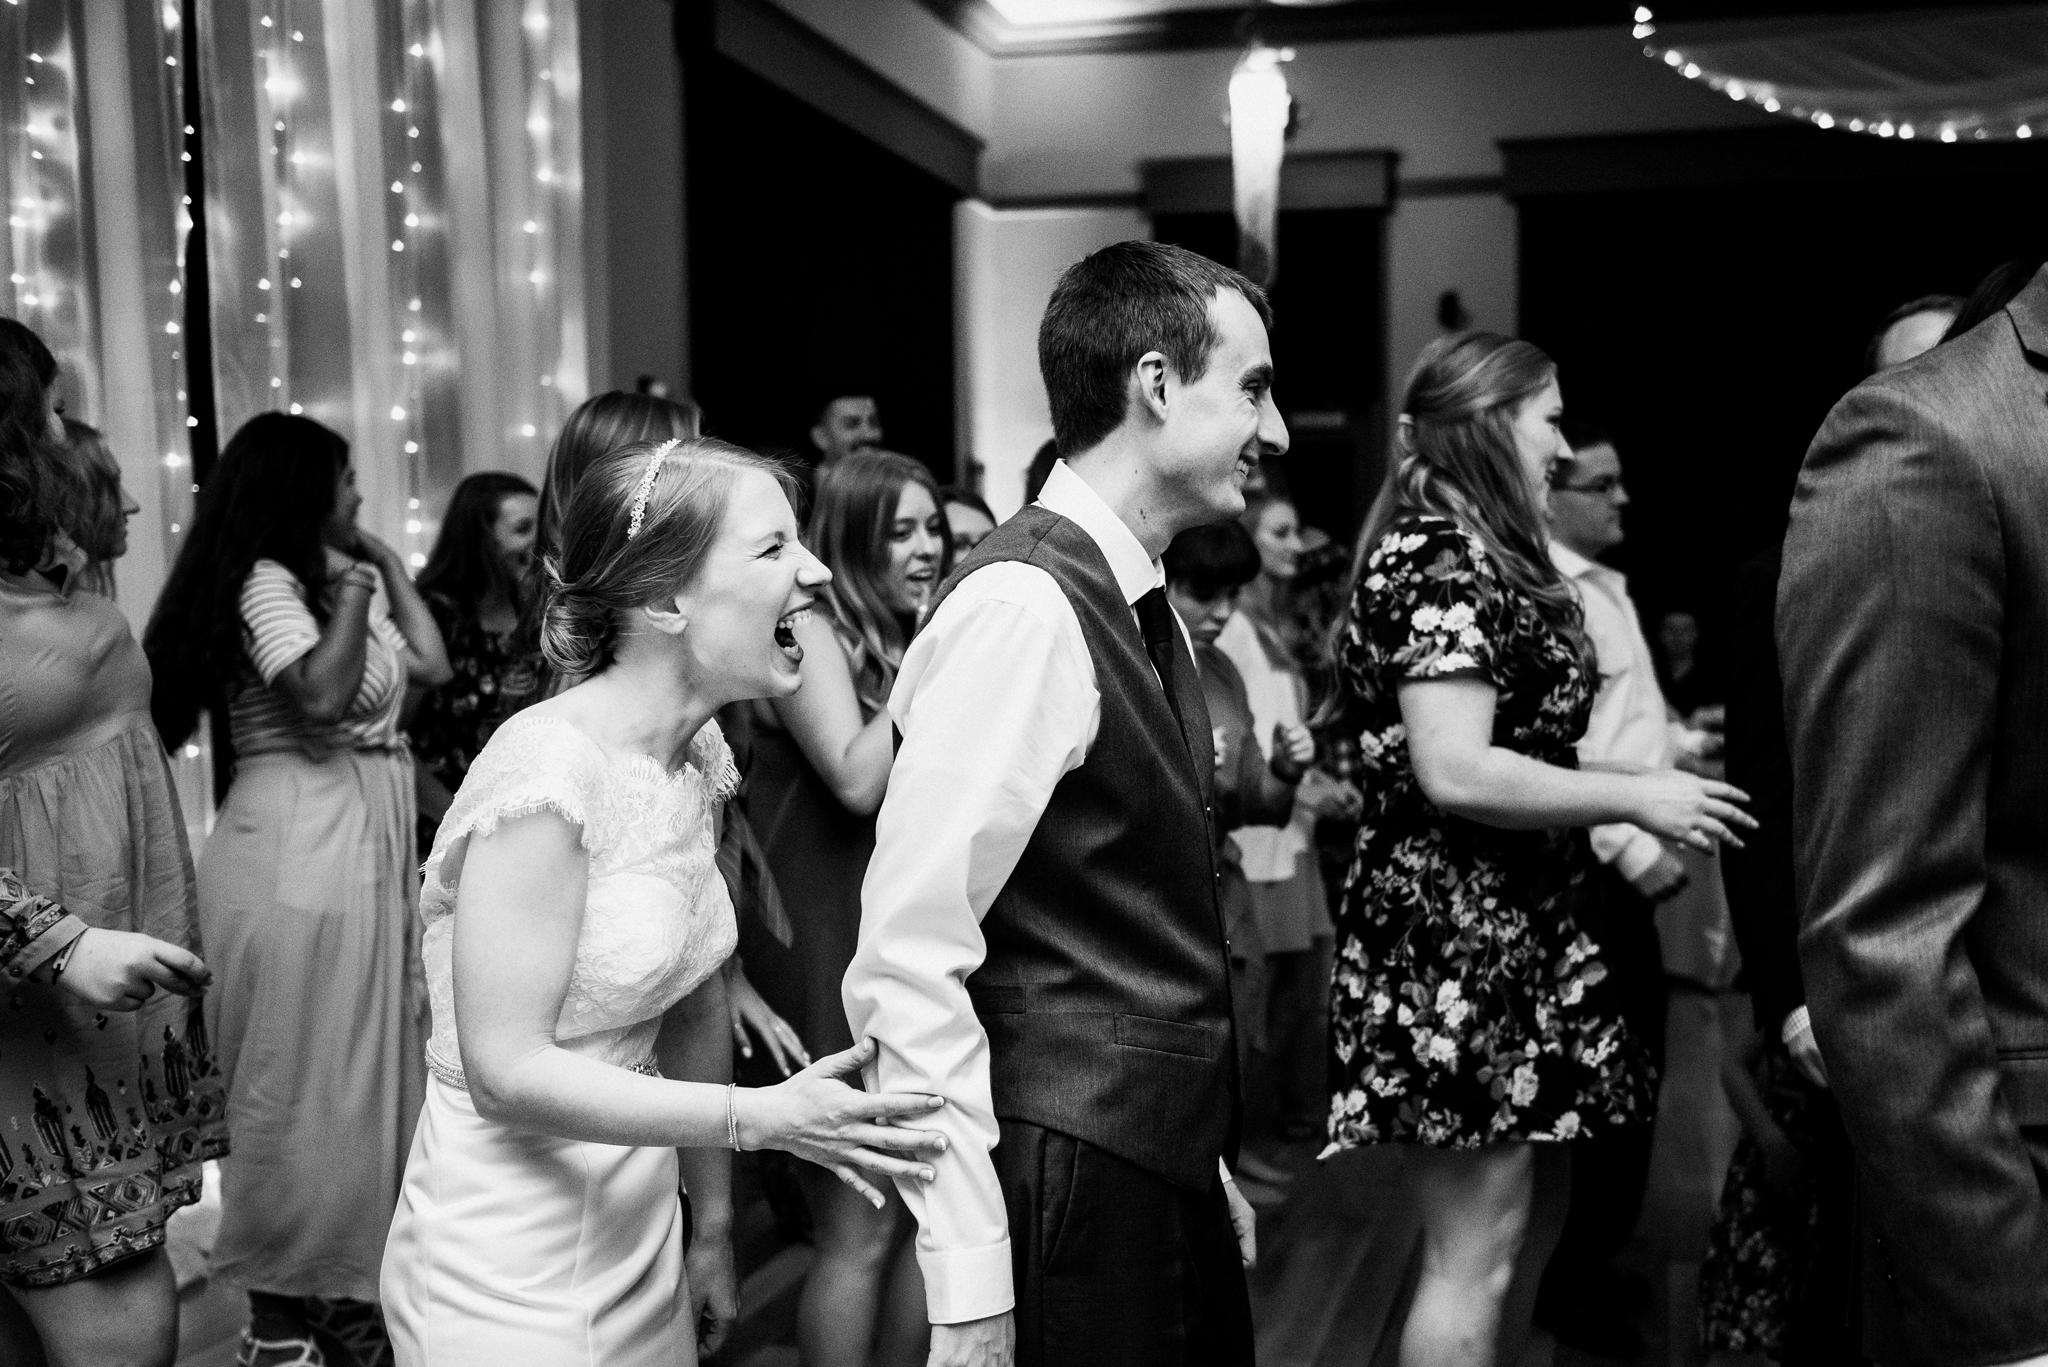 noahs_event_venue_naperville_IL_wedding_photographer_0068.jpg